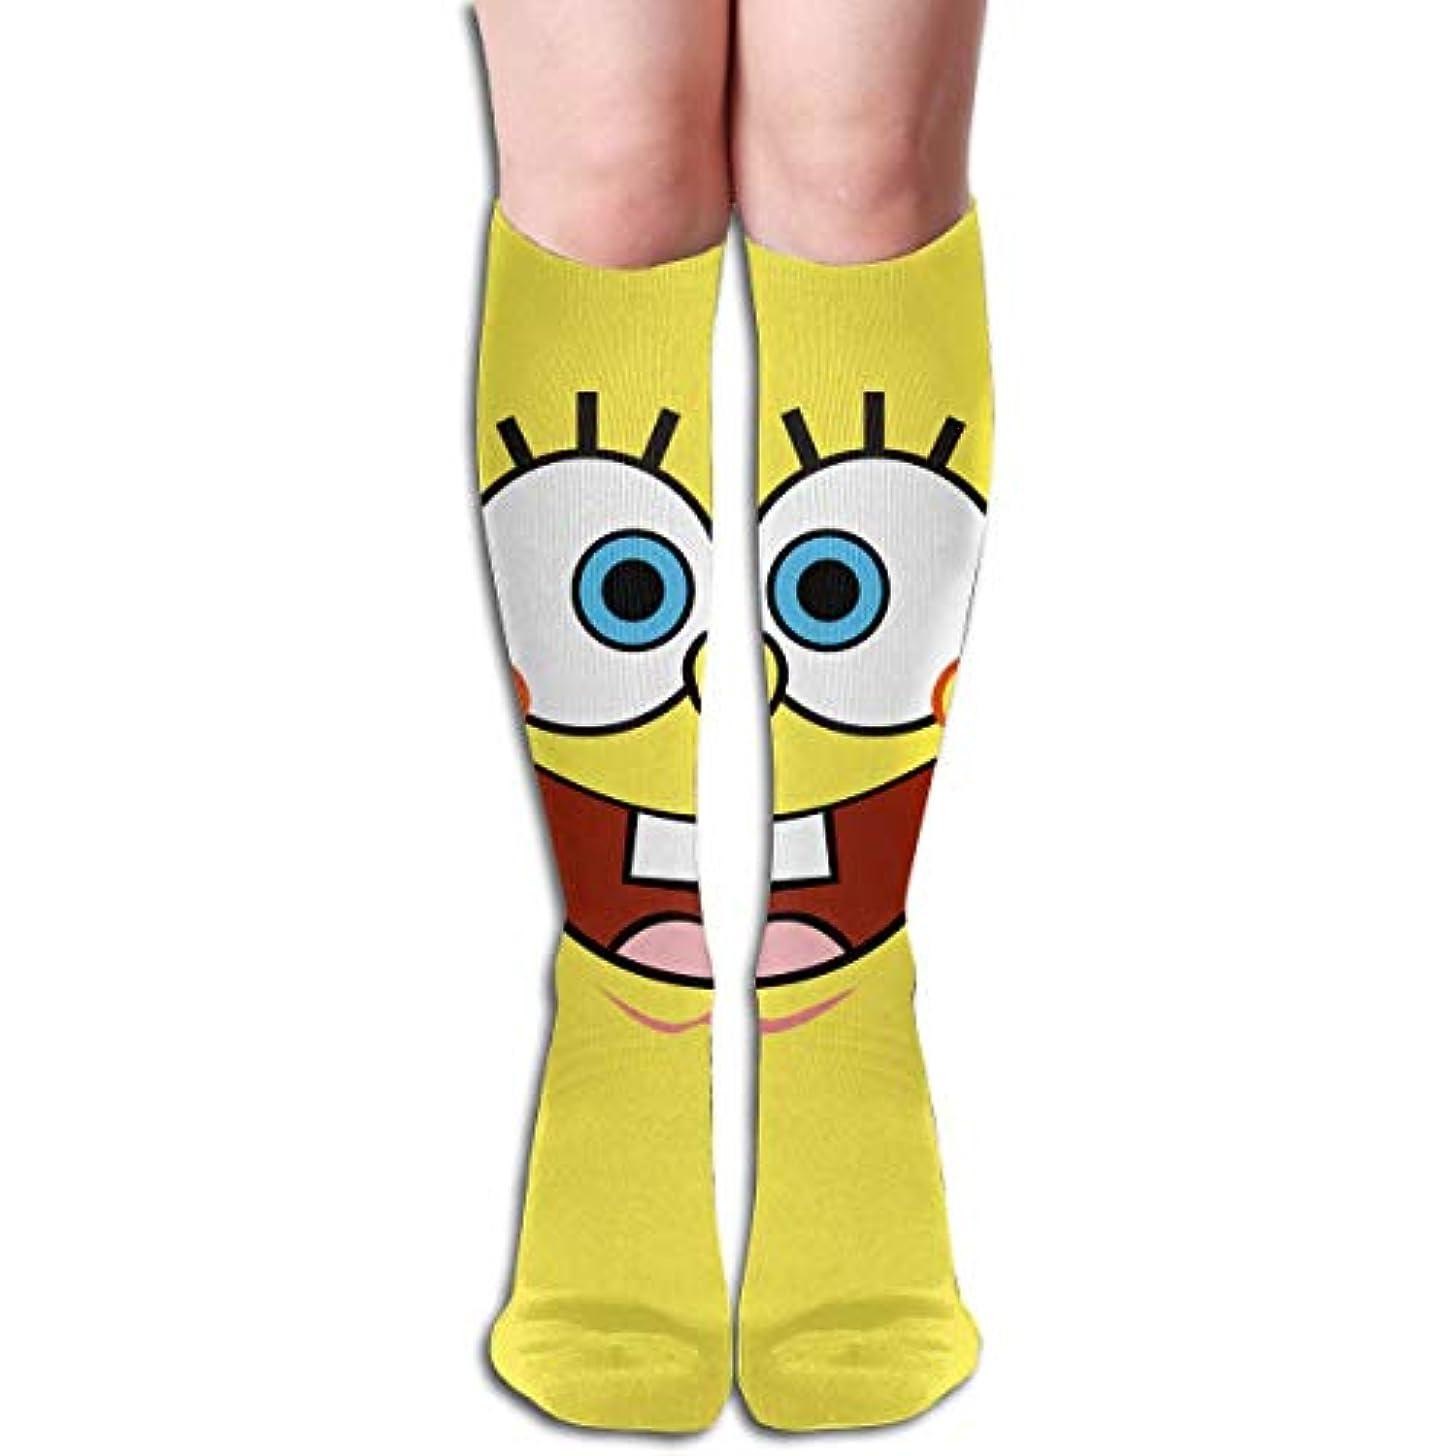 適性分析期待してqrriyスポンジボブスチームパンツイエローチューブストッキングレディース冬暖かい暖かいハイソックスブーツ靴下